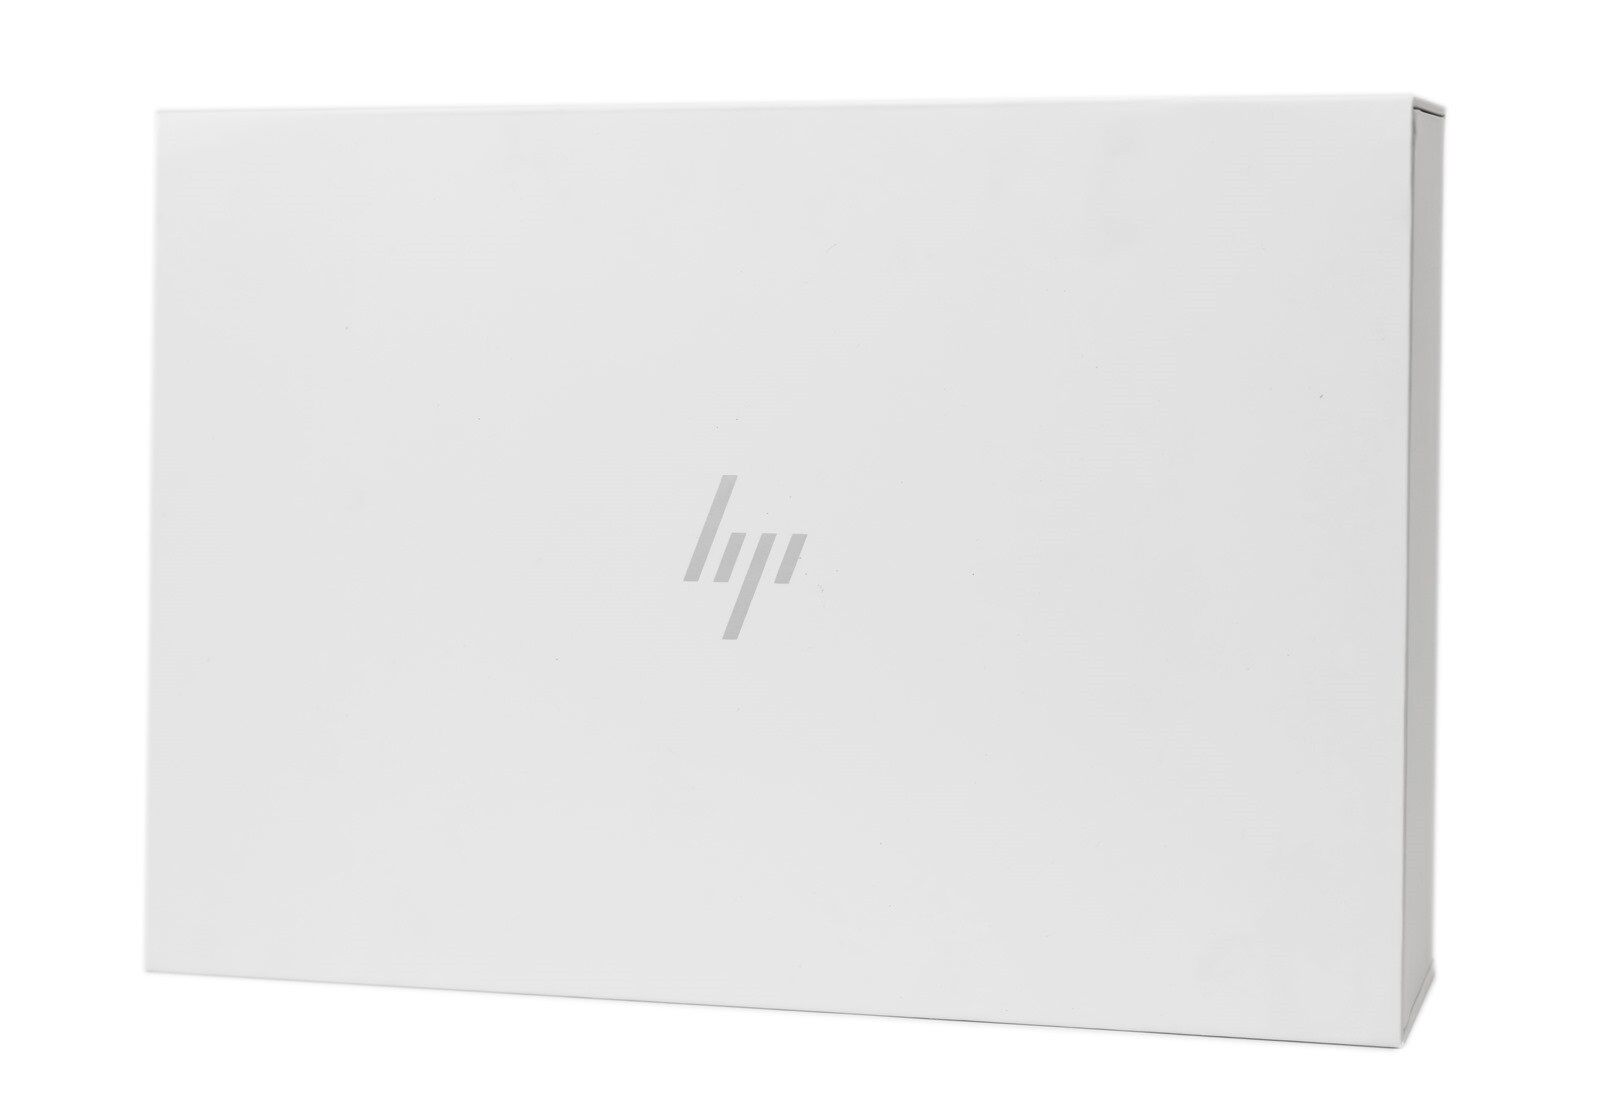 精品般的旗艦翻轉商務筆電 HP Elite Dragonfly G2!輕巧功能完整性能都不妥協! @3C 達人廖阿輝